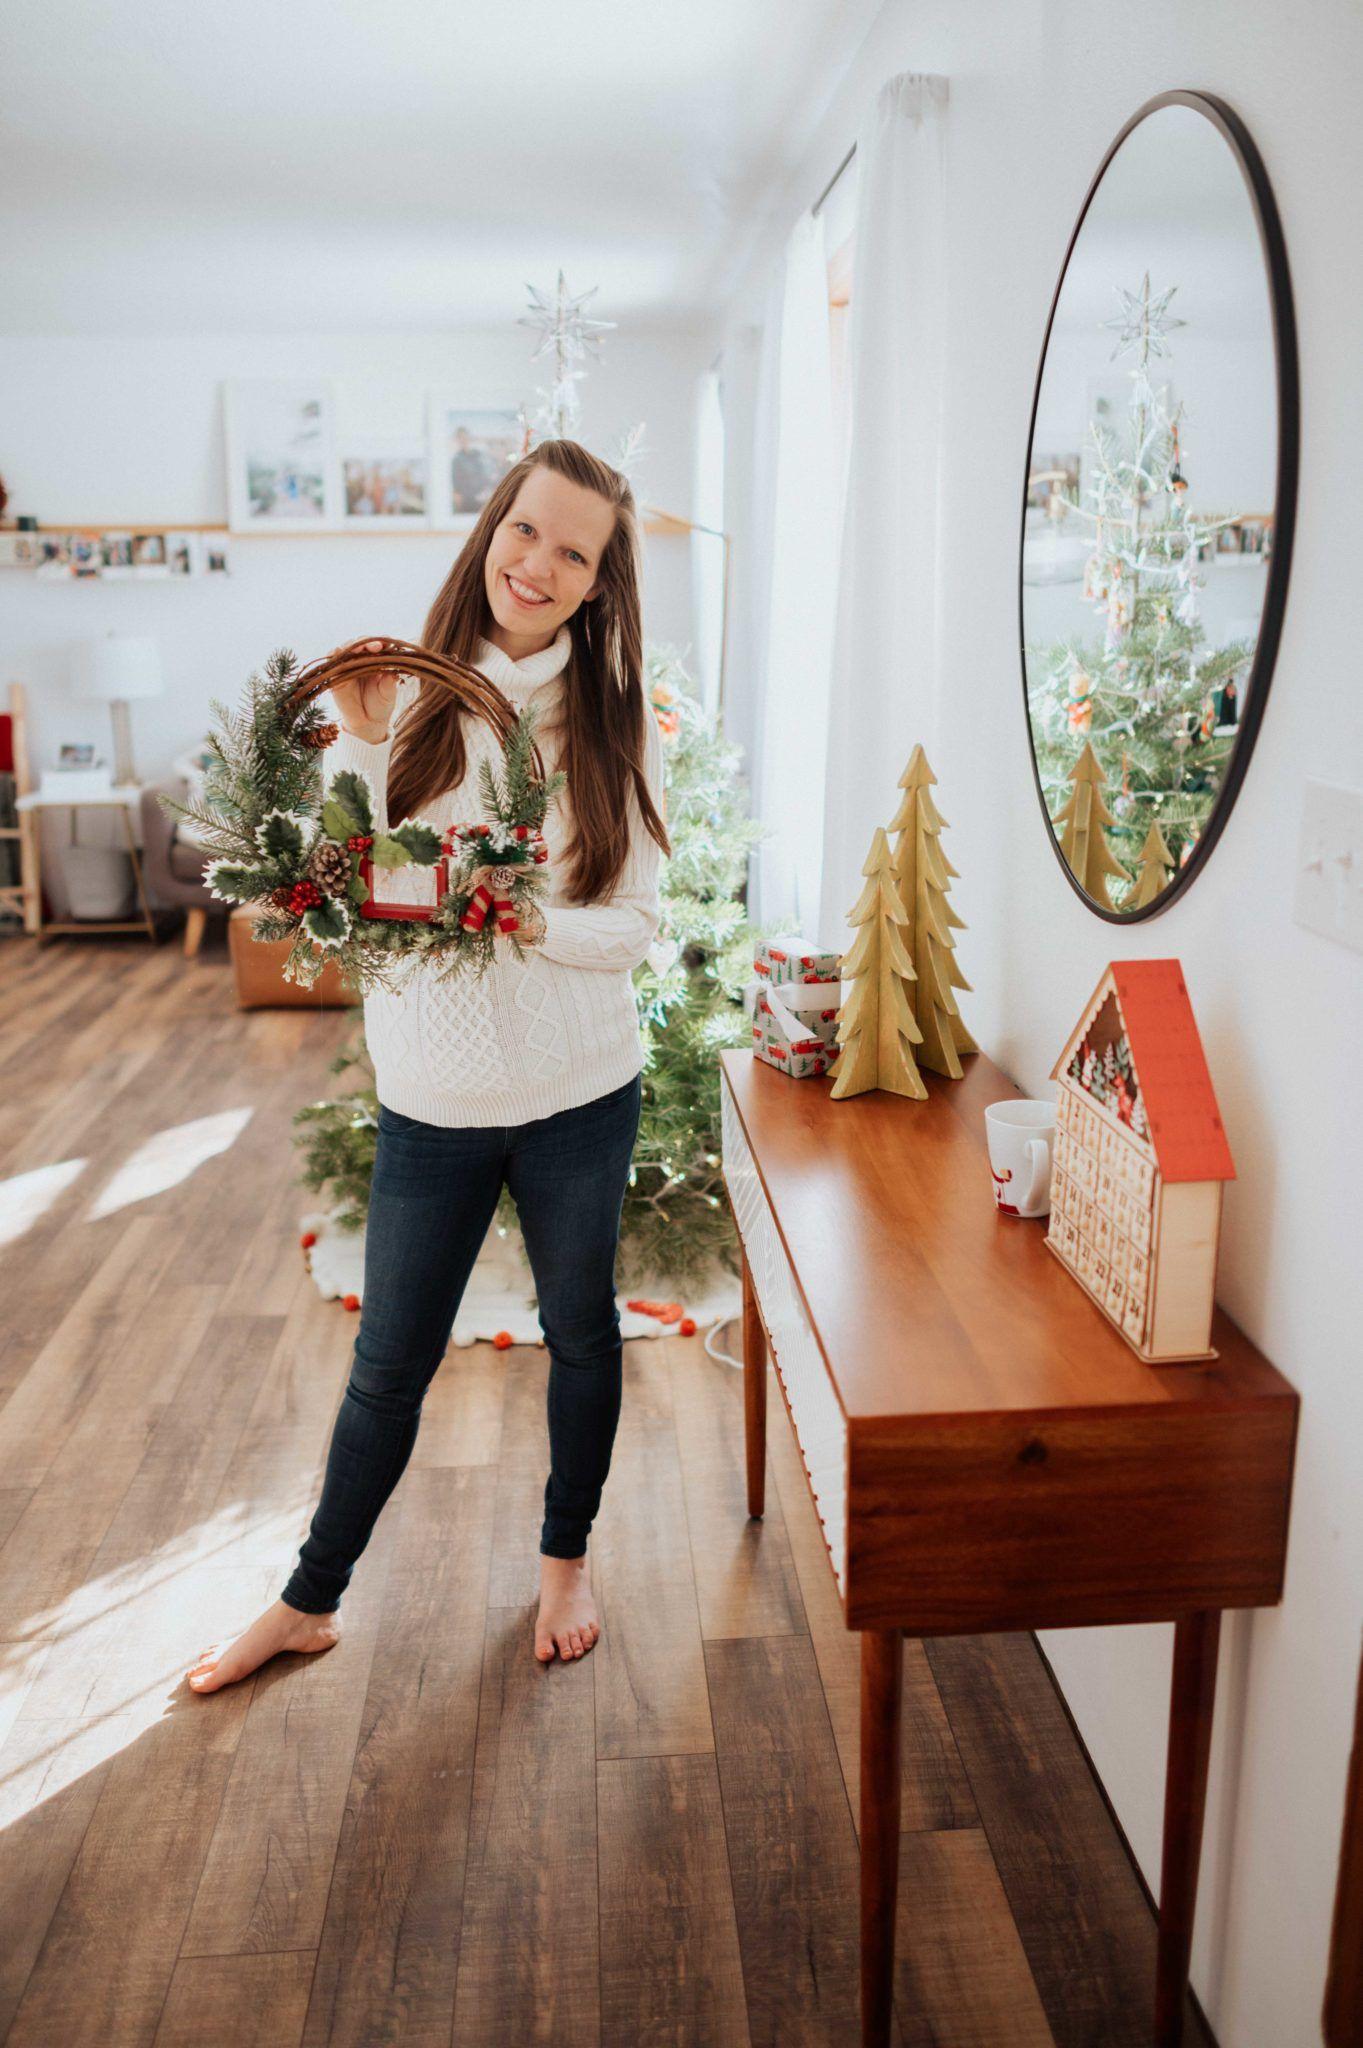 The 2019 Christmas Season In photos Oak + Oats in 2020